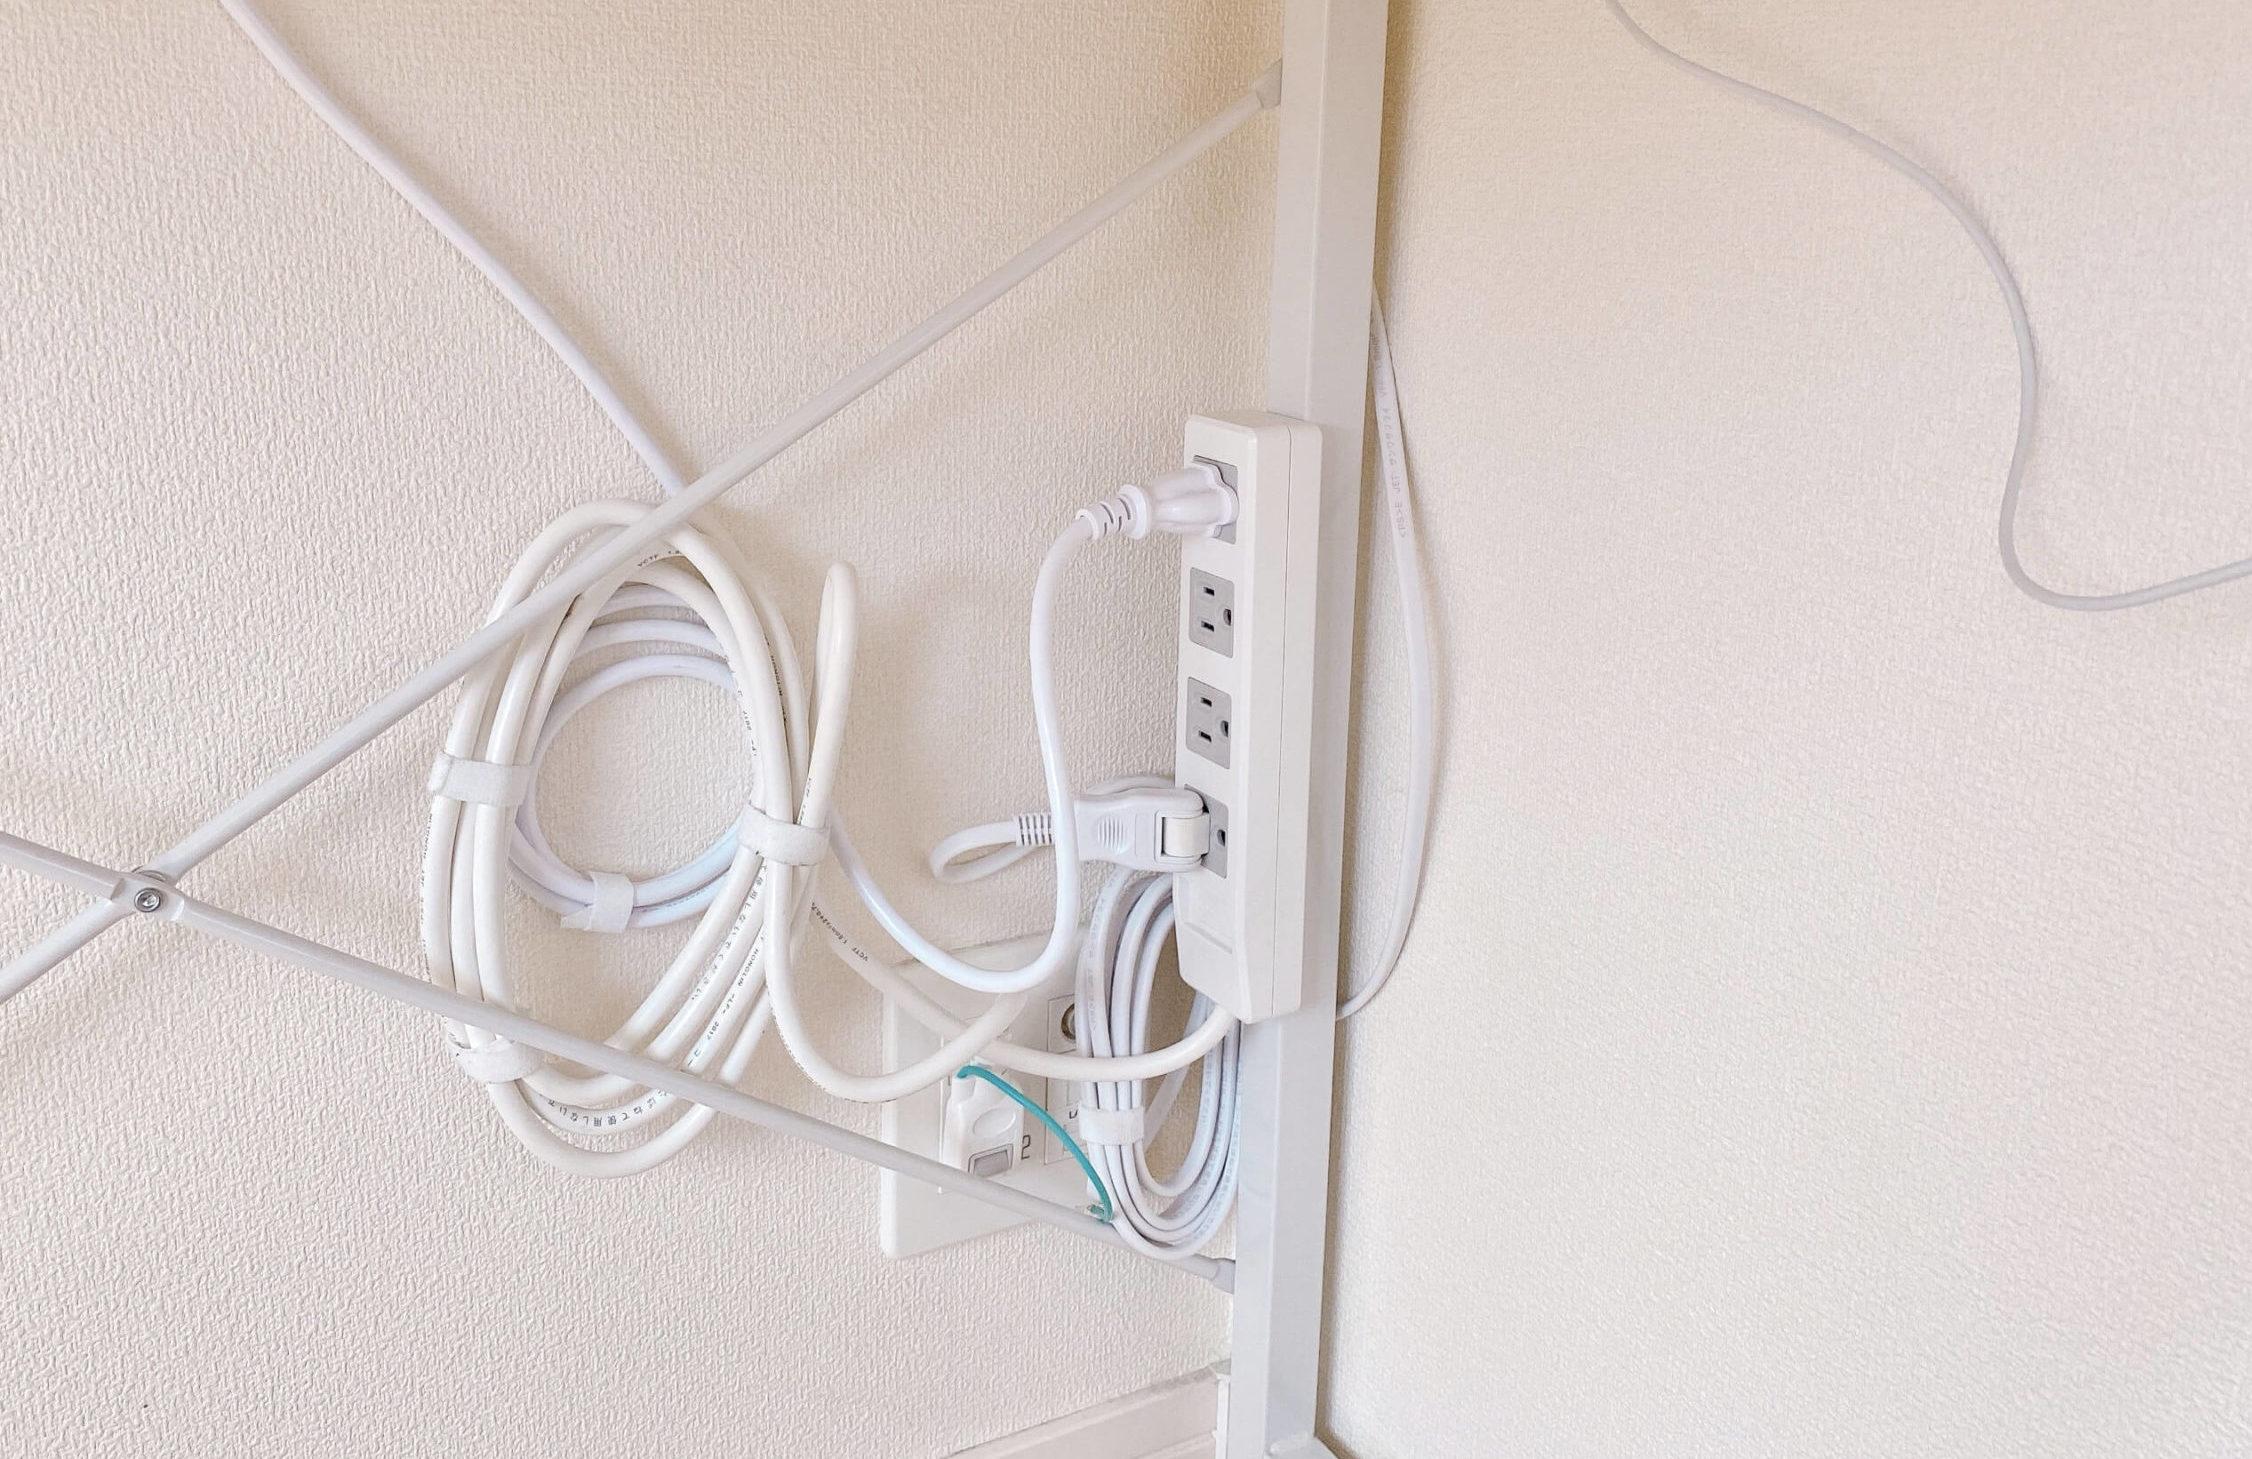 テレワークのデスク下の配線整理